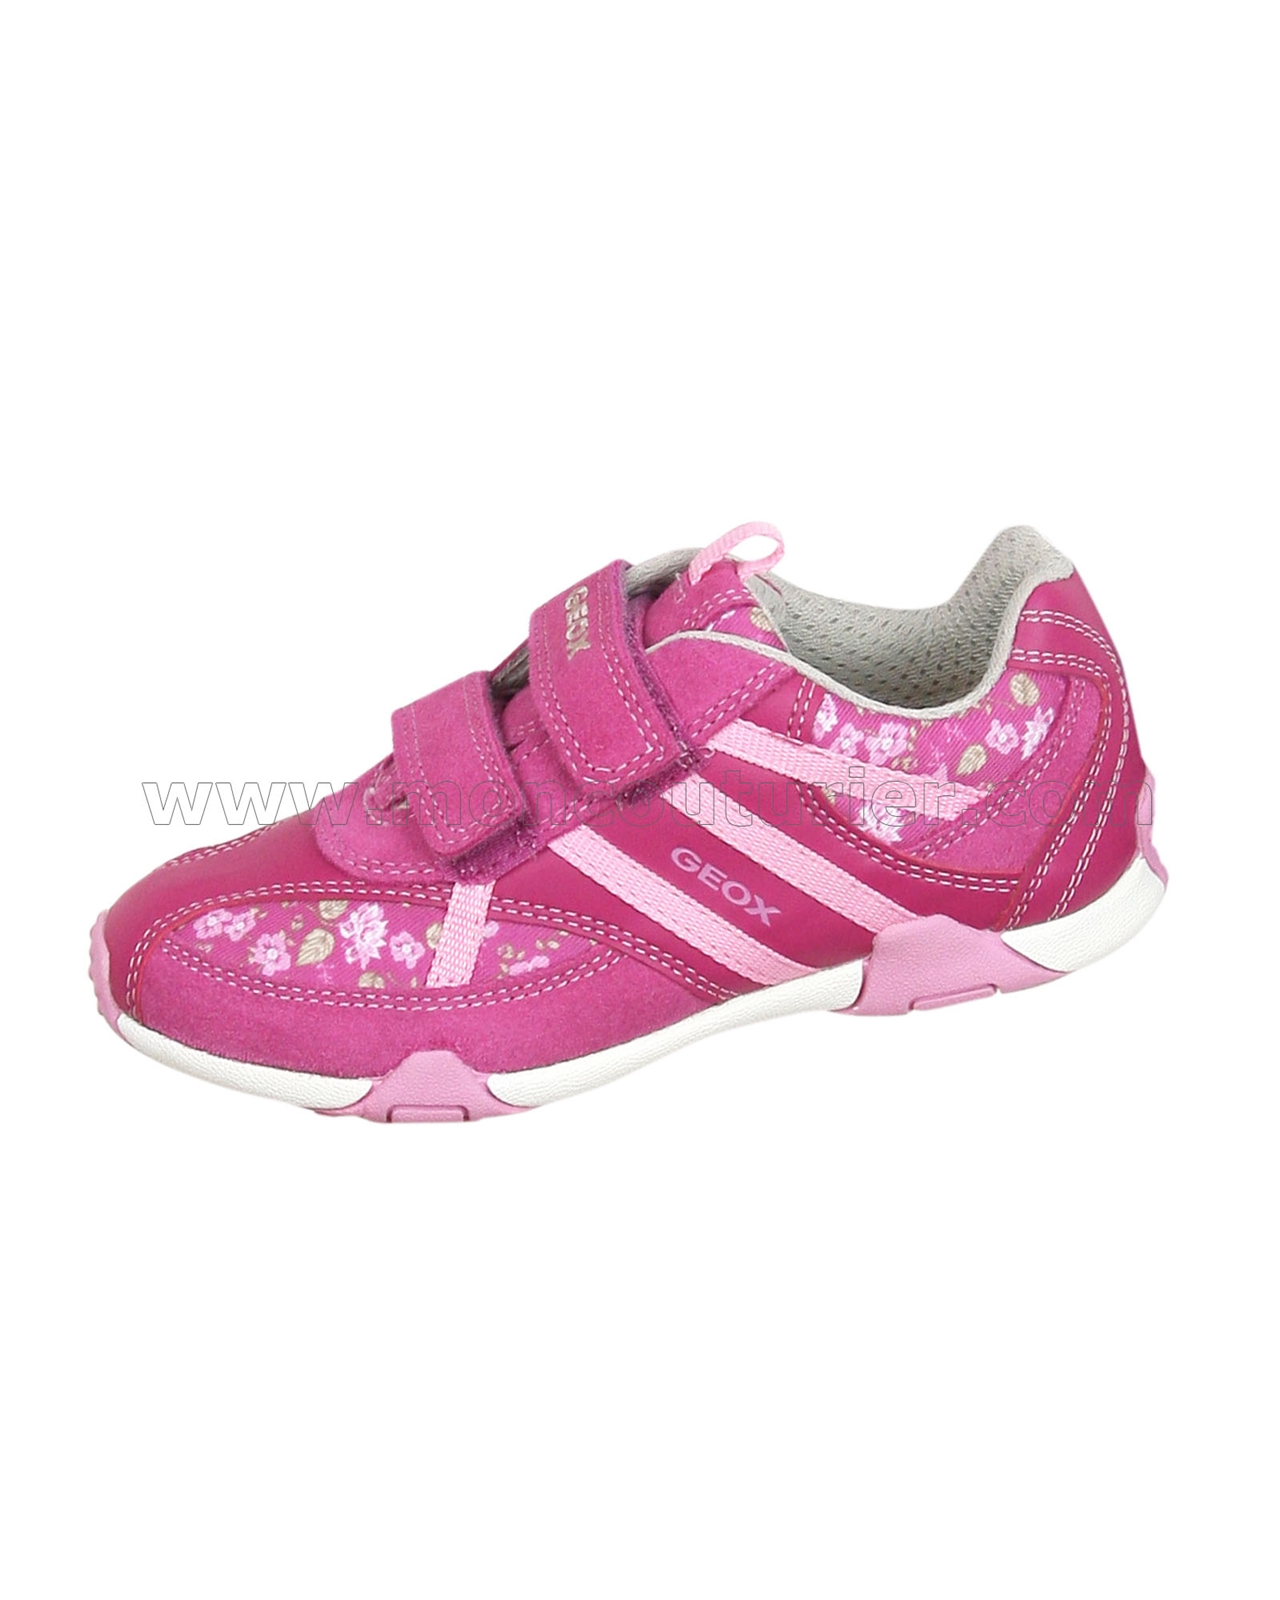 911207b978 GEOX Girls' Sneakers Jr Tale Pink